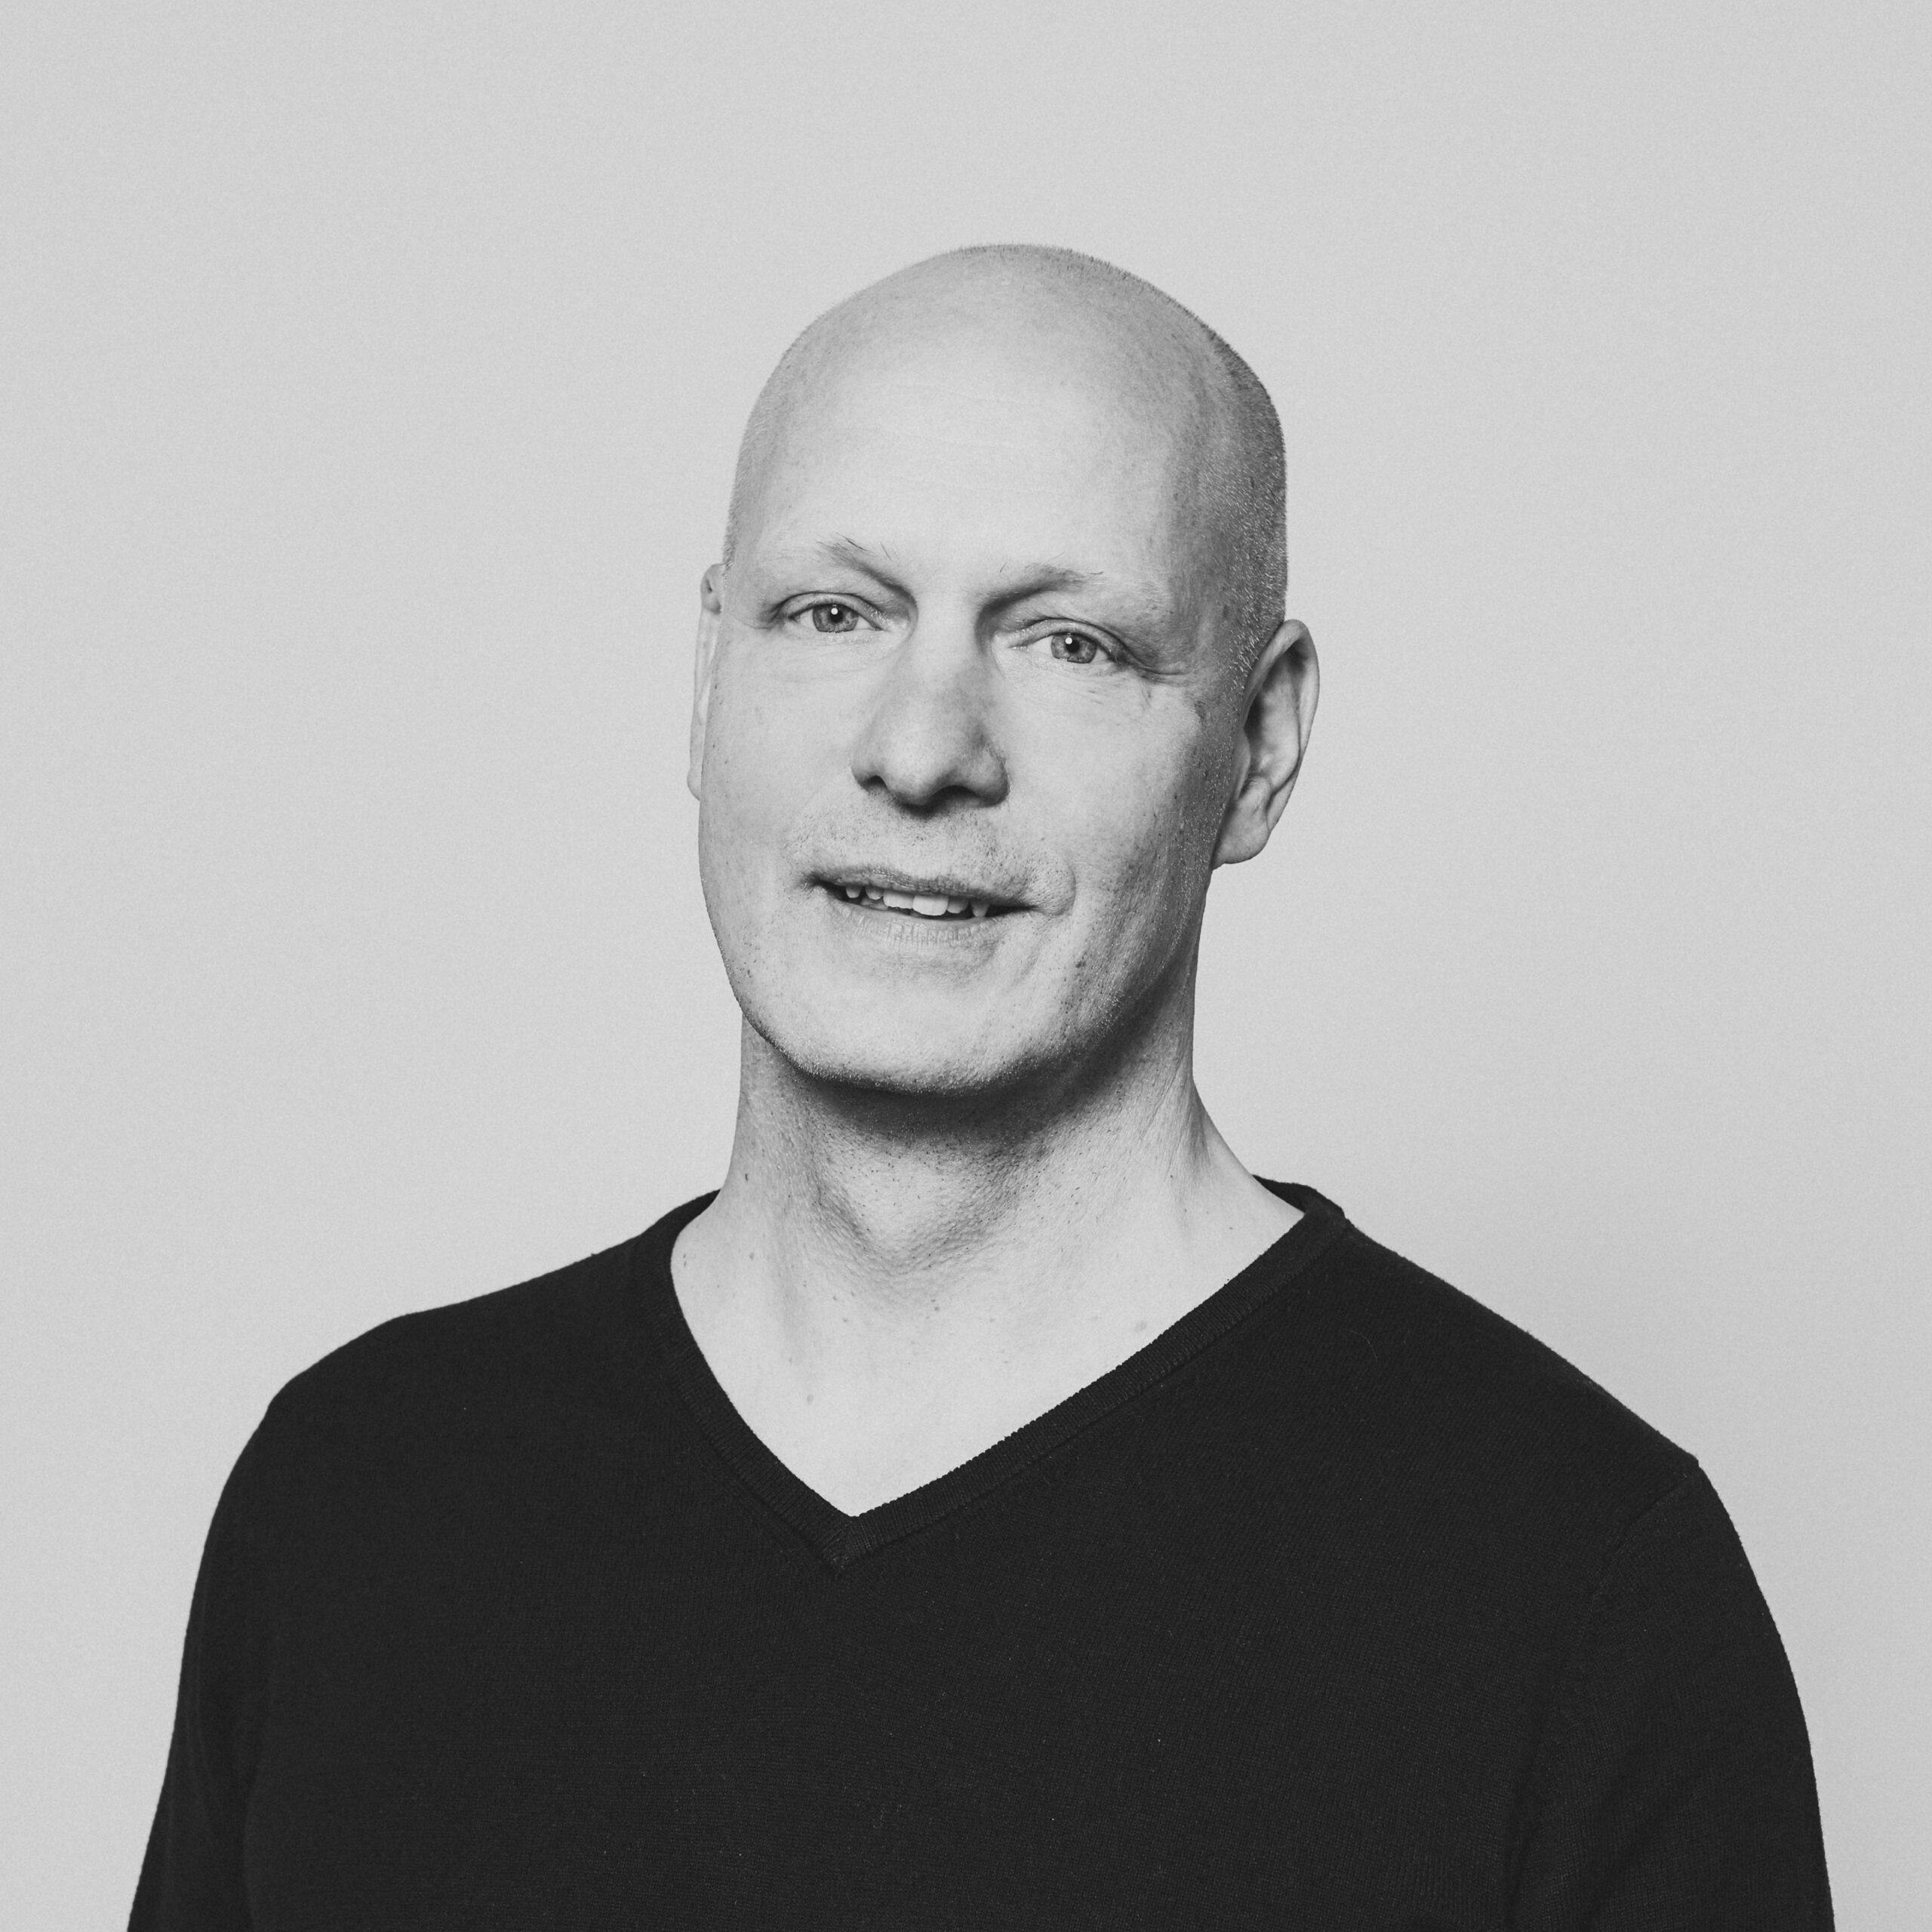 Jan Schlüter Makesomenoise